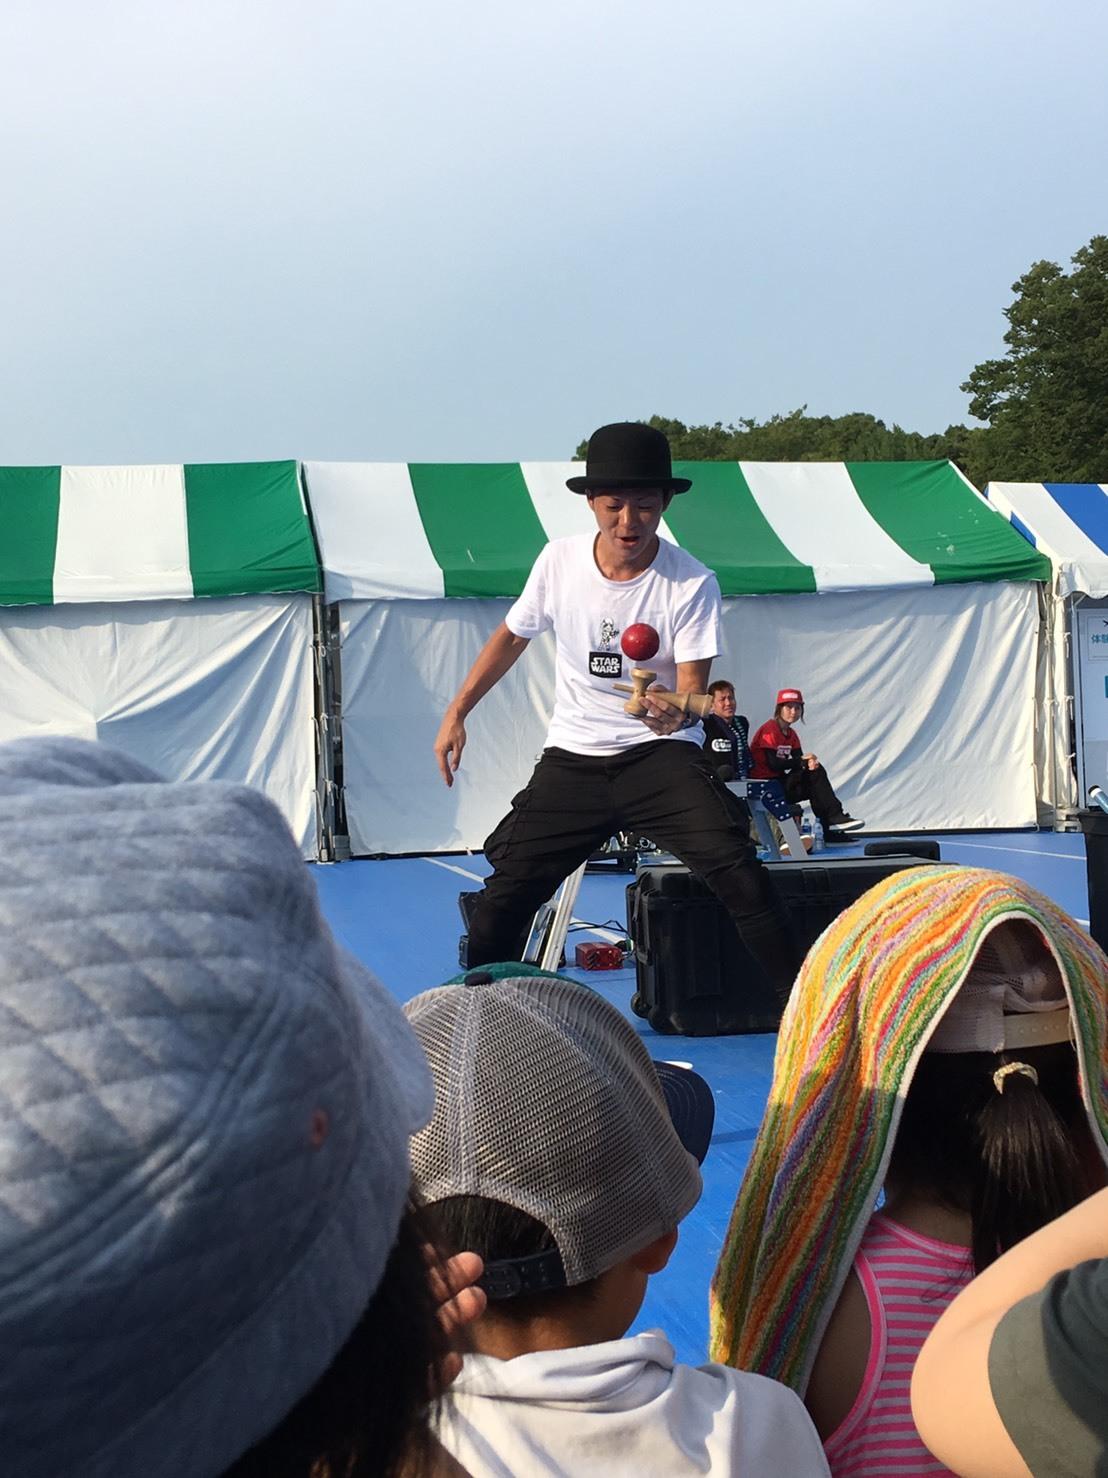 上野恩賜公園で頑張る大道芸人さん_a0163623_00321325.jpg